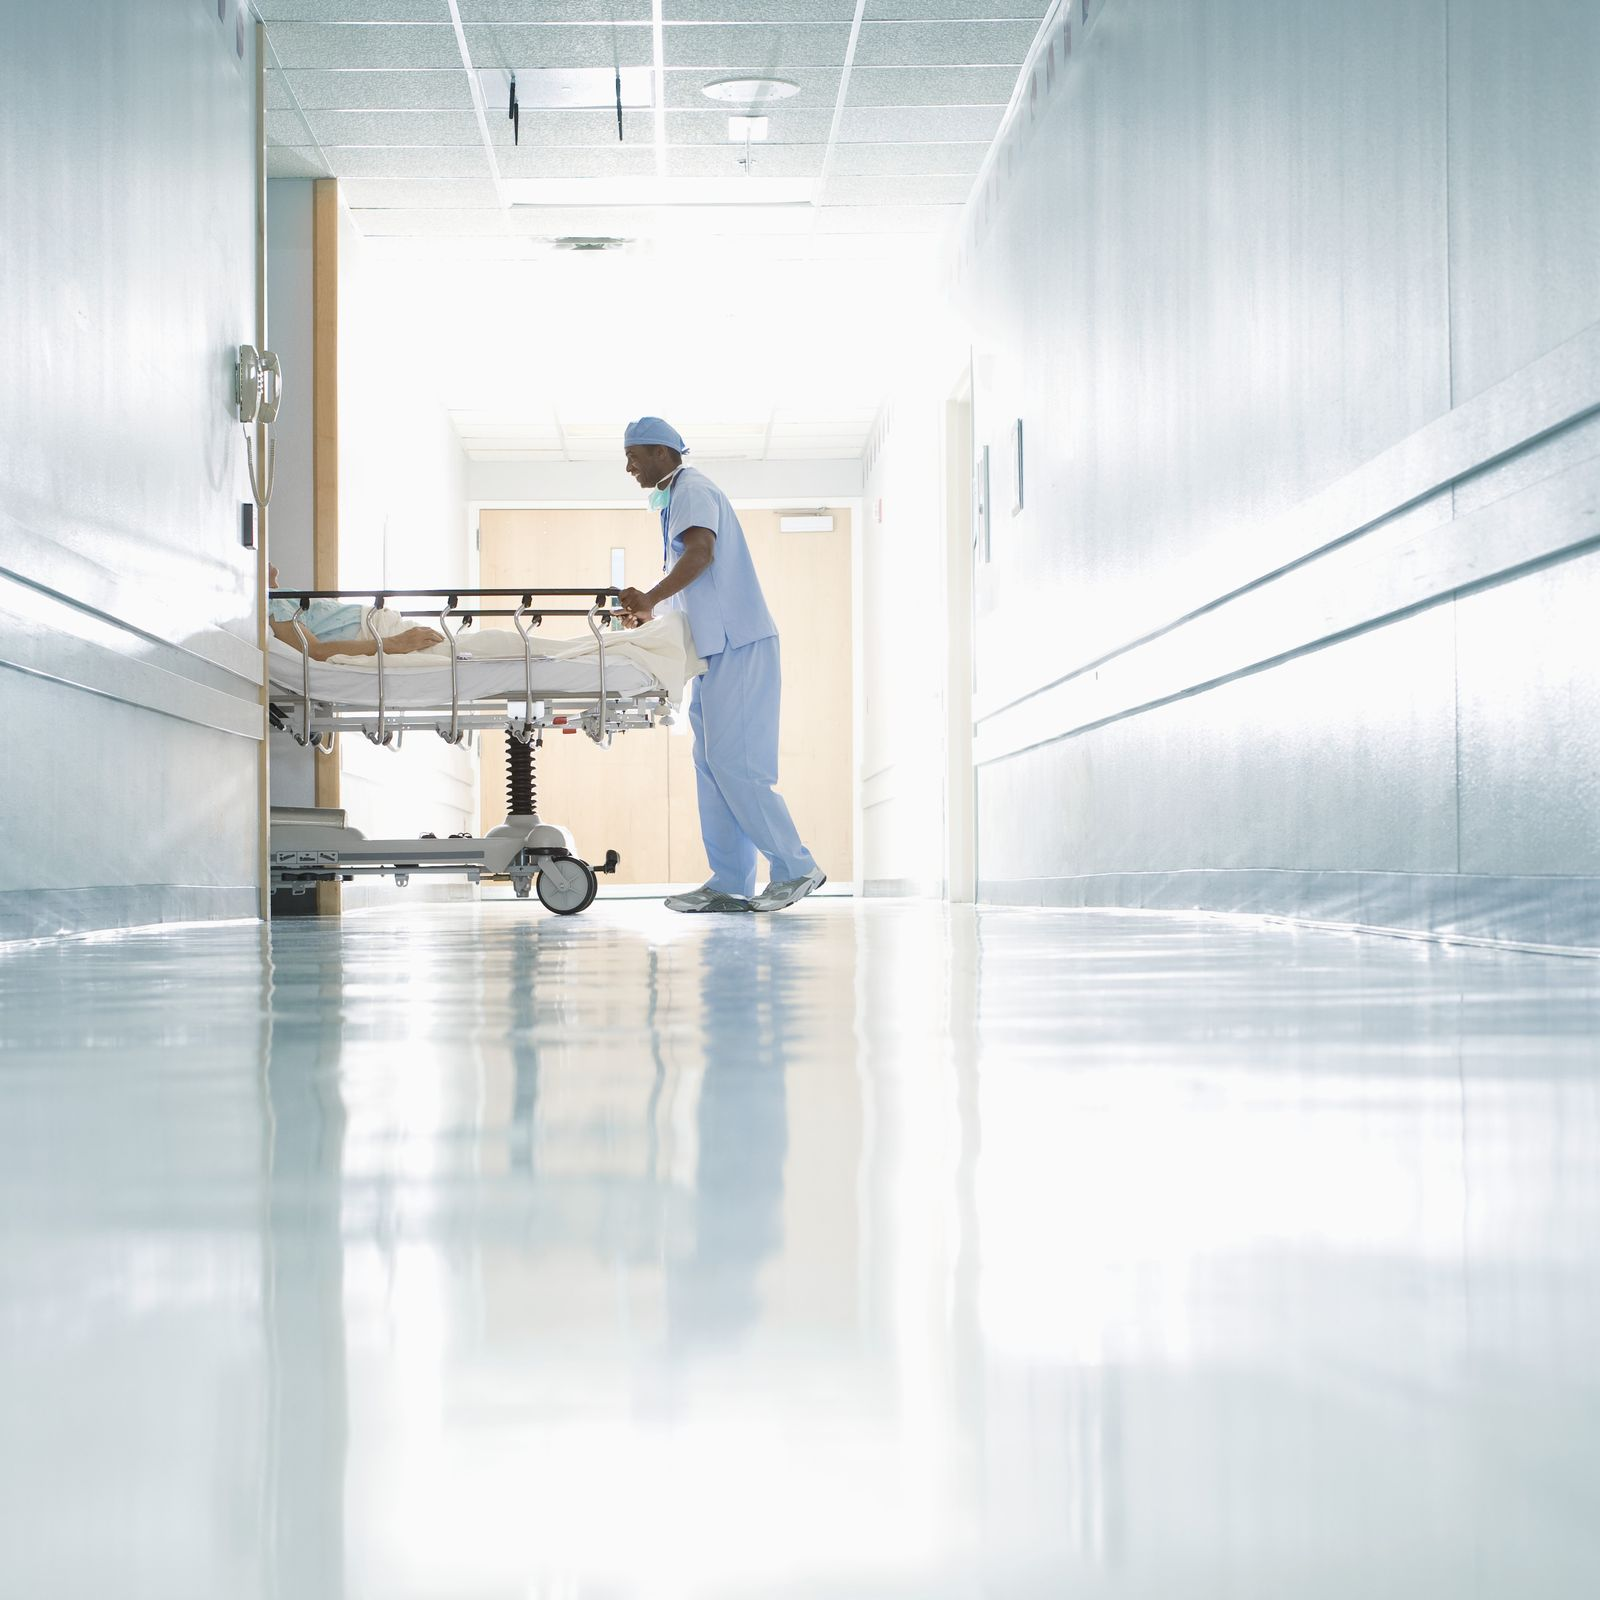 NICHT MEHR VERWENDEN! - Symbolbild Krankenhaus